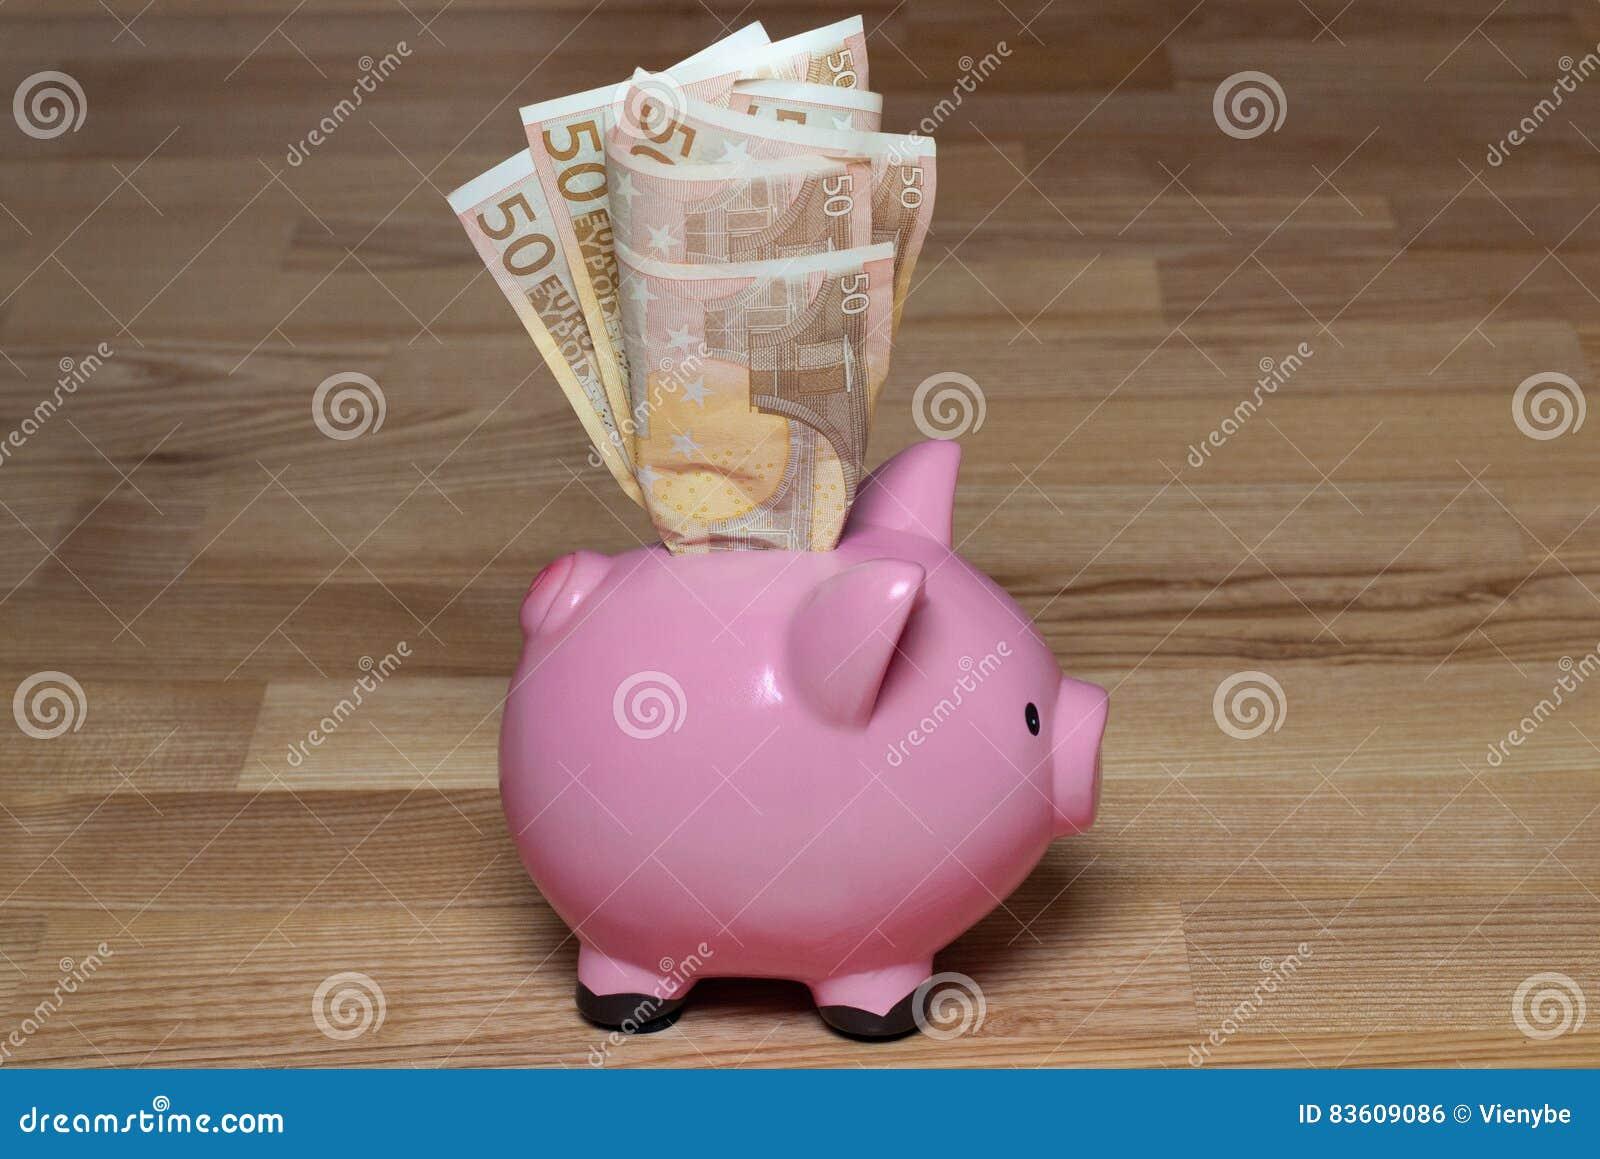 Batería guarra con euros